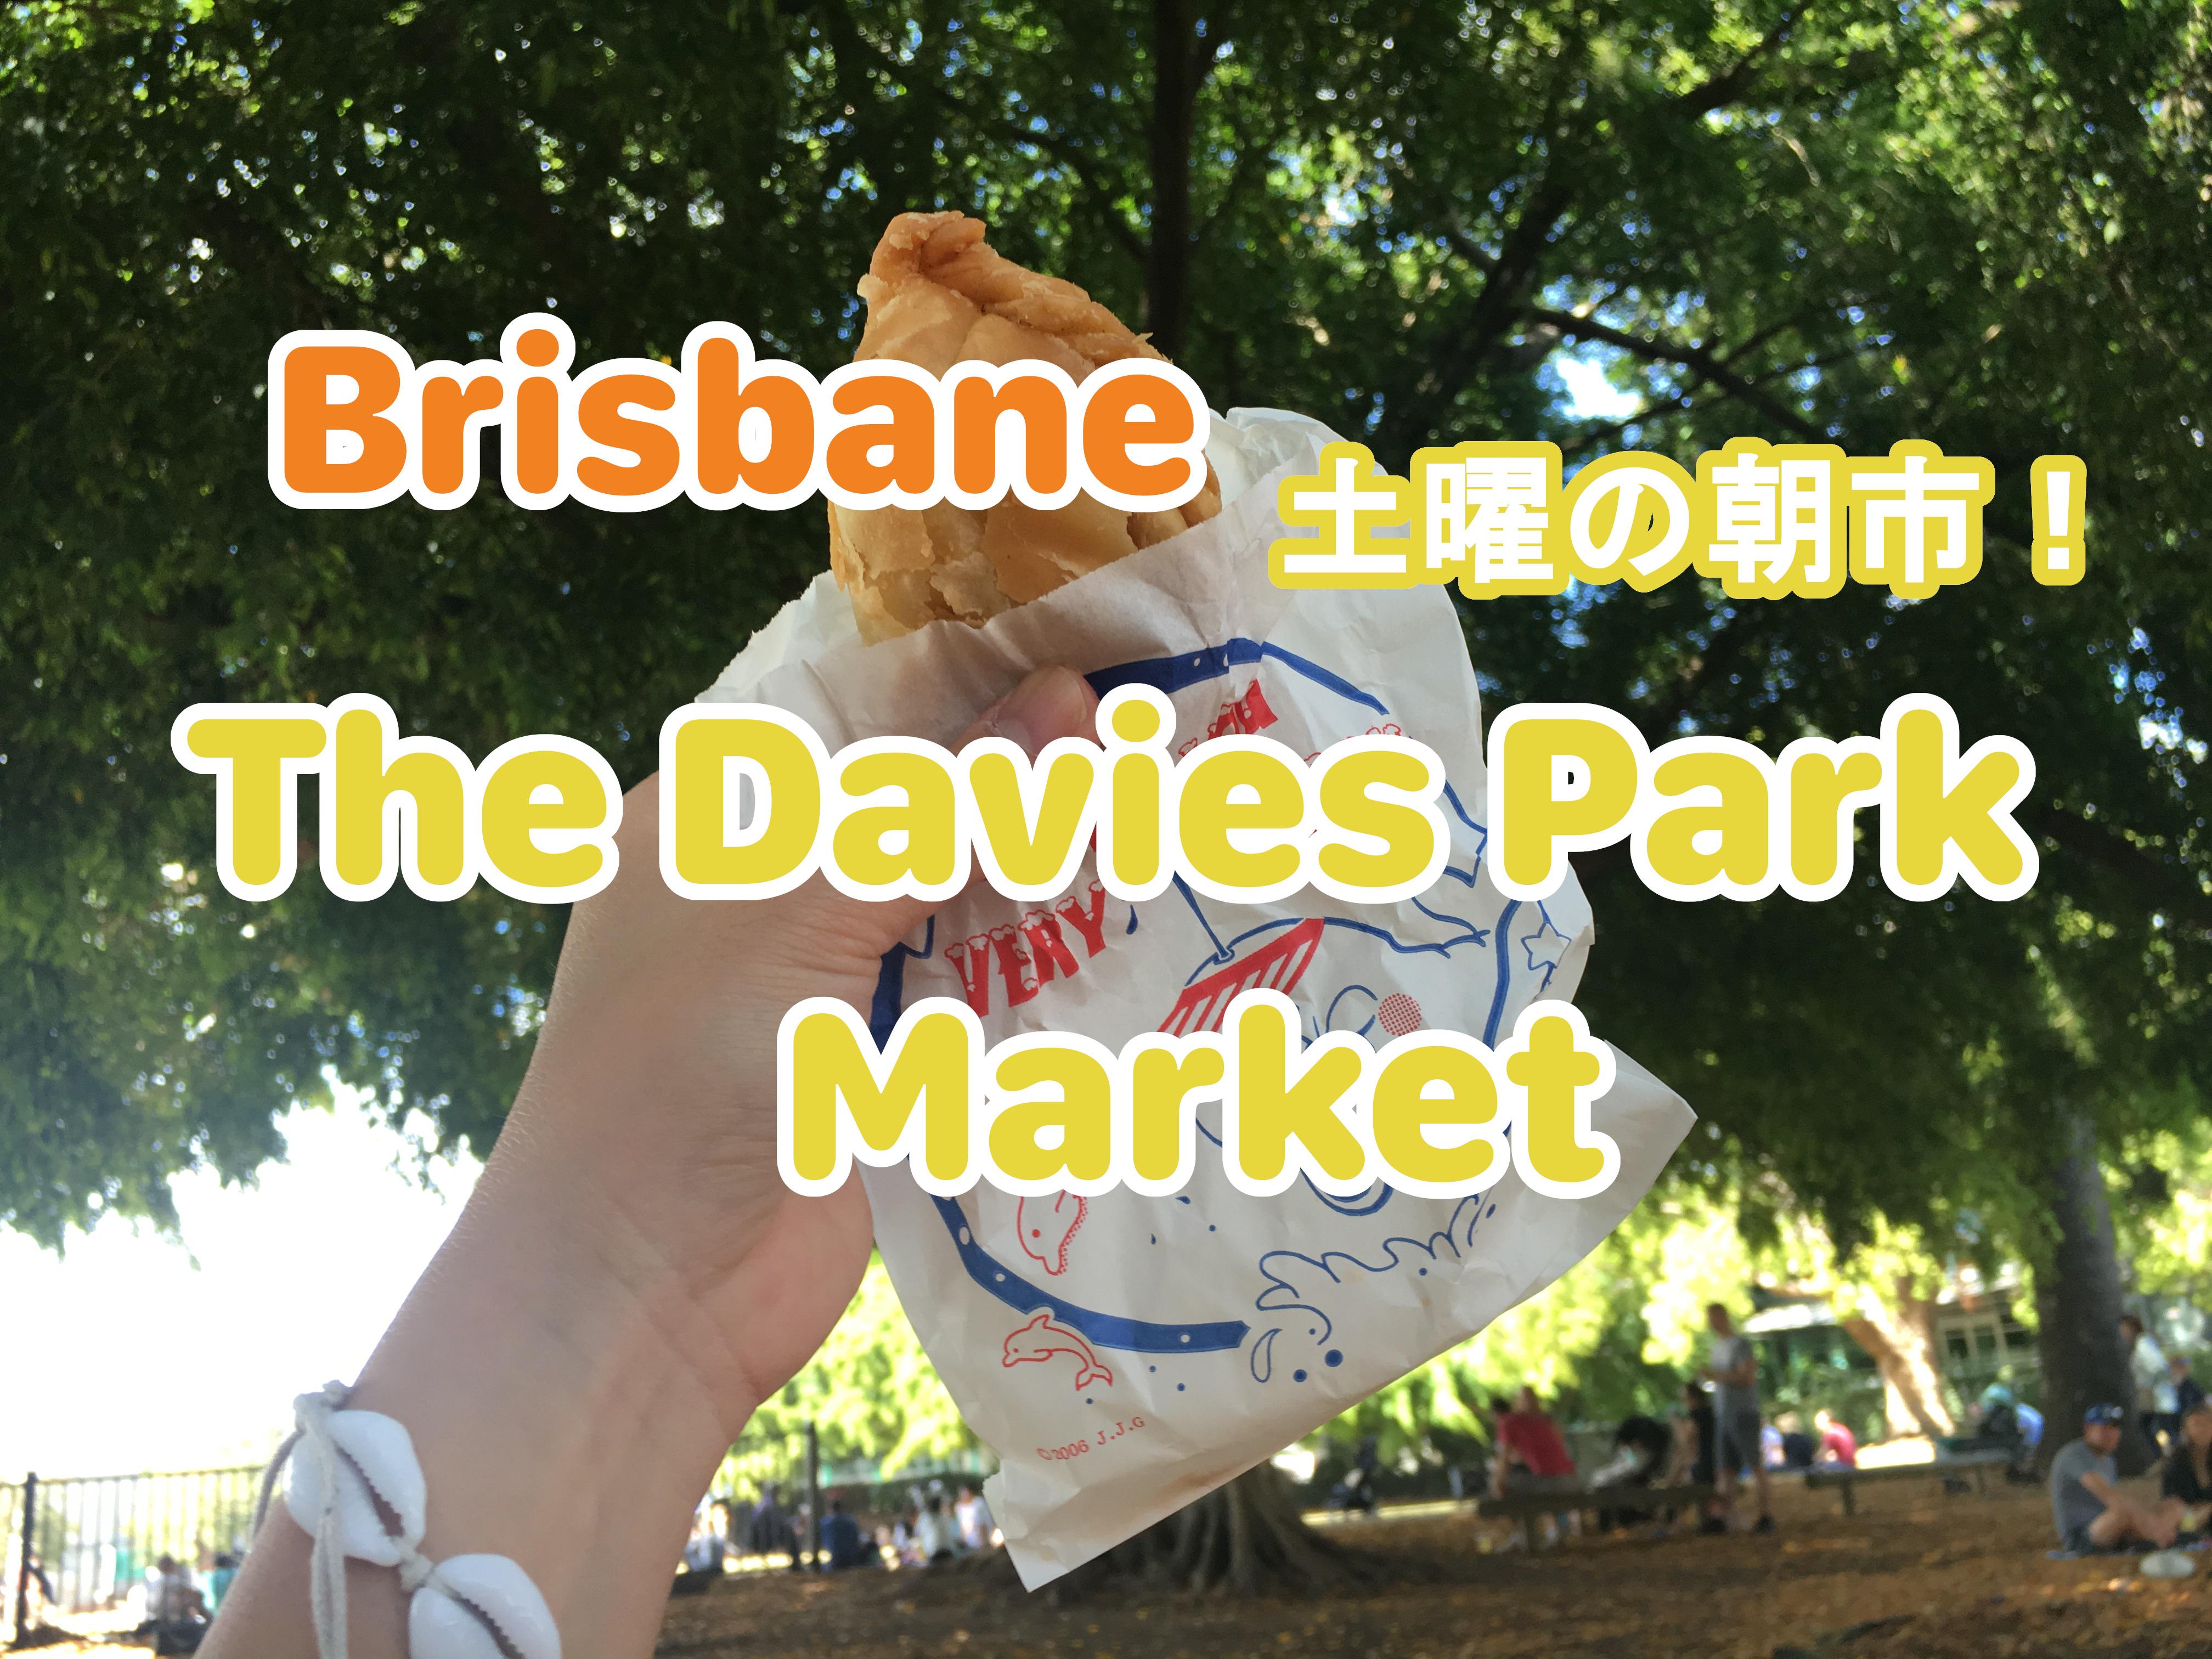 土曜の朝市the Davies park market !